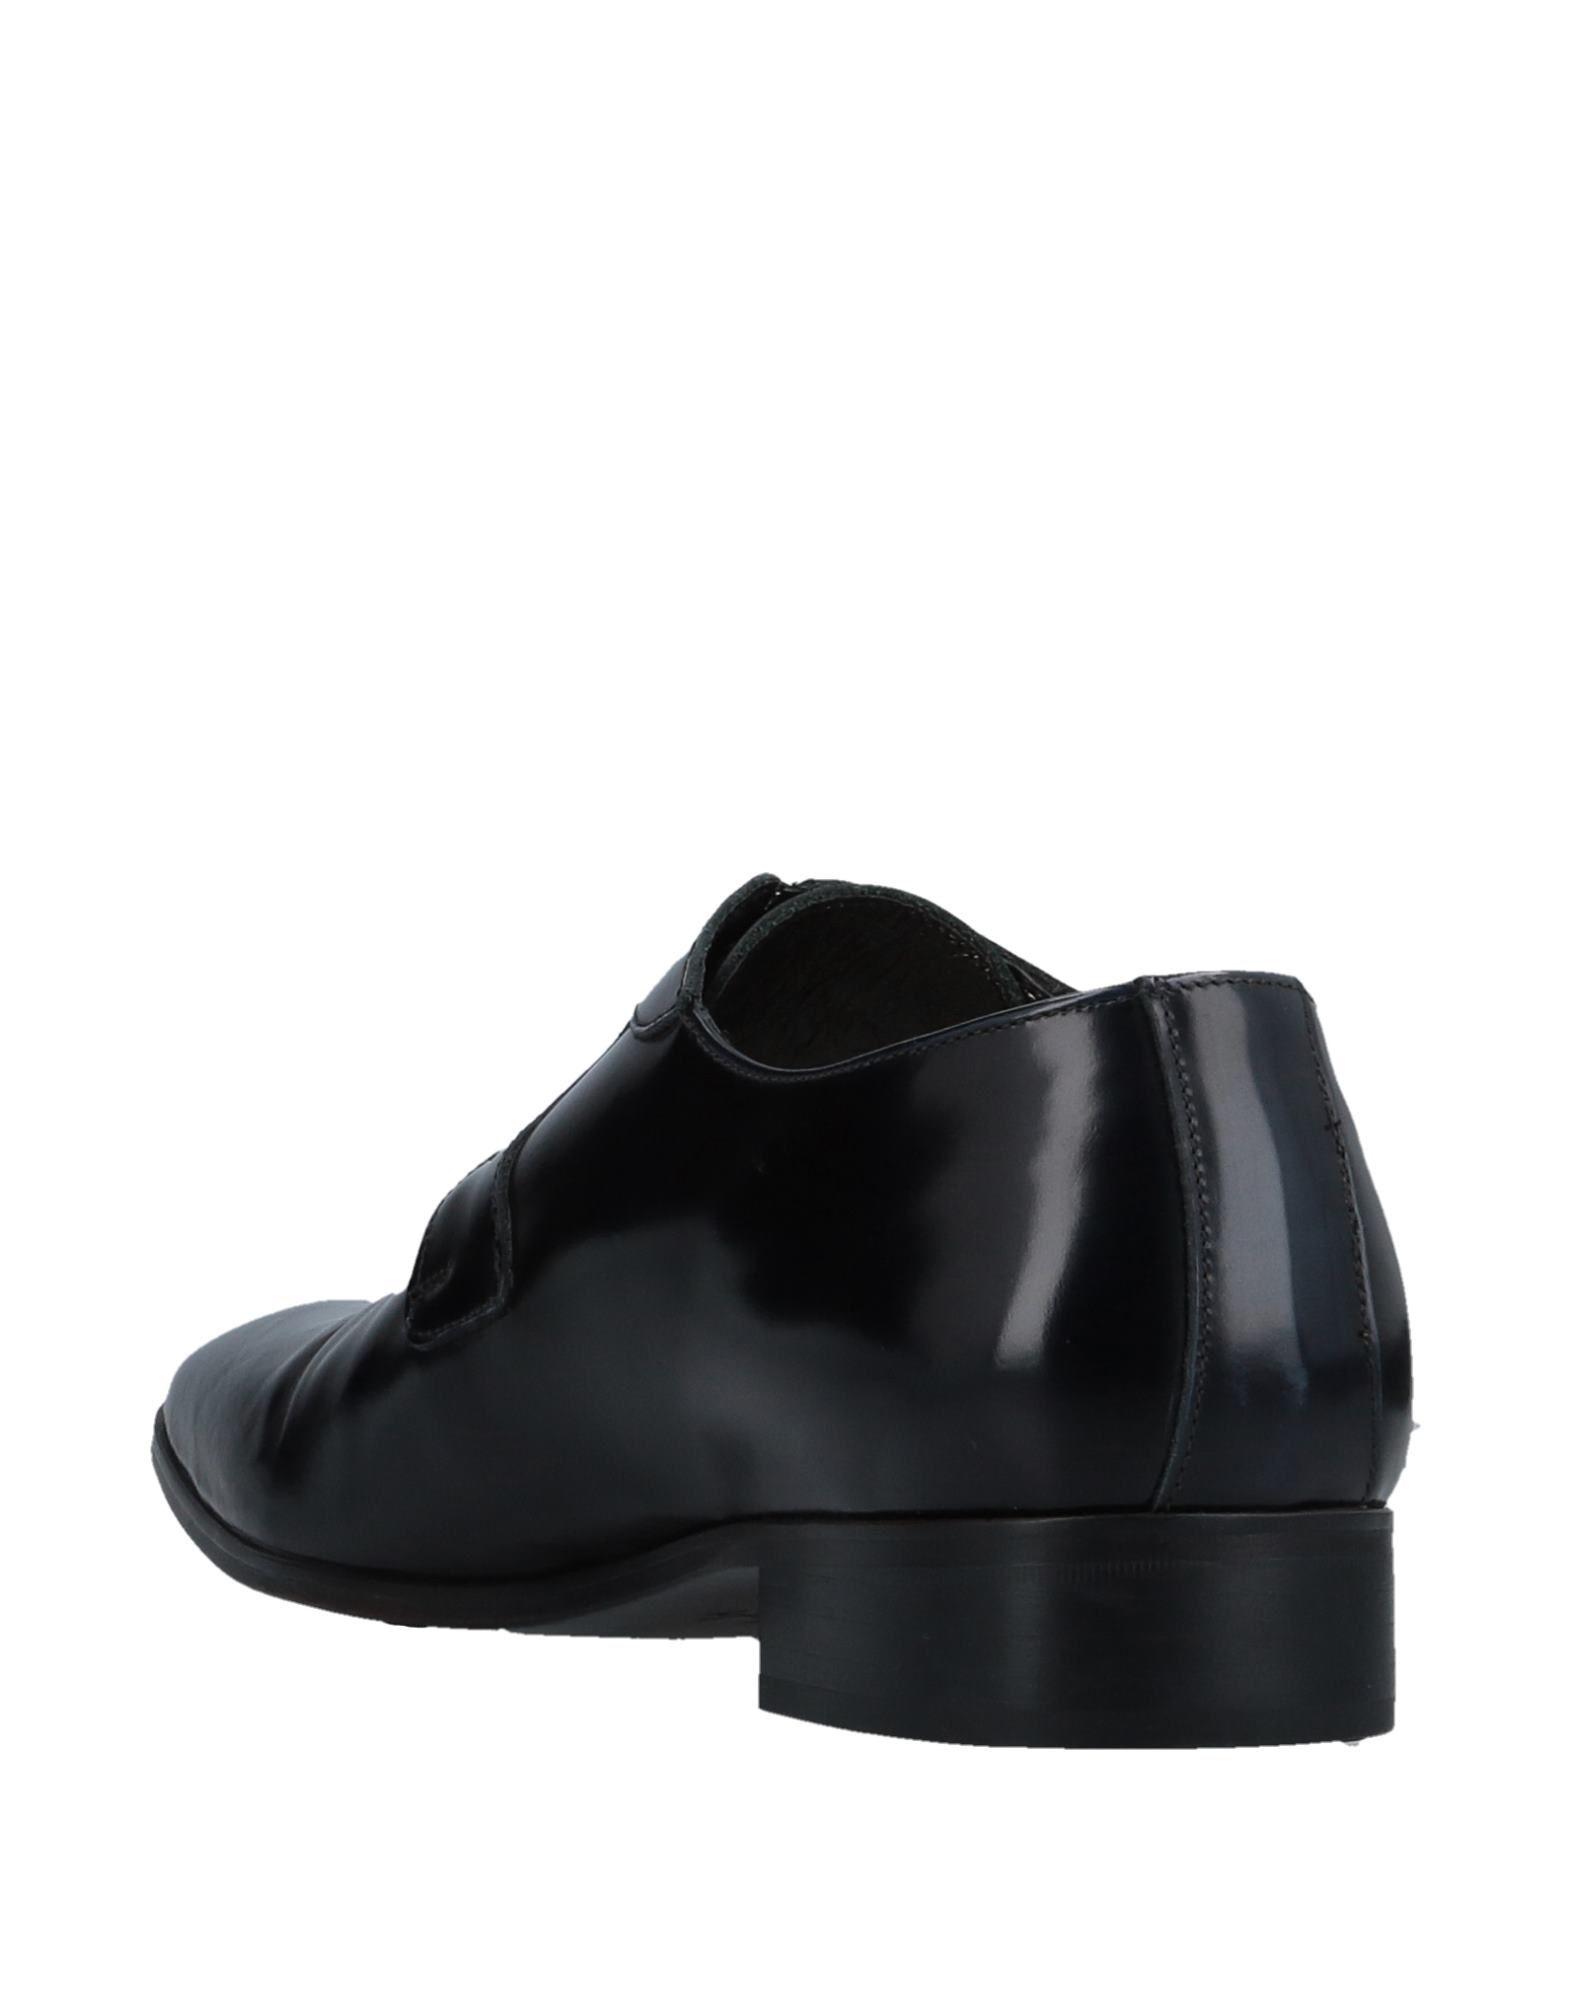 Rabatt Schnürschuhe echte Schuhe Andrea Versali Schnürschuhe Rabatt Herren  11508550RL 4c85f3